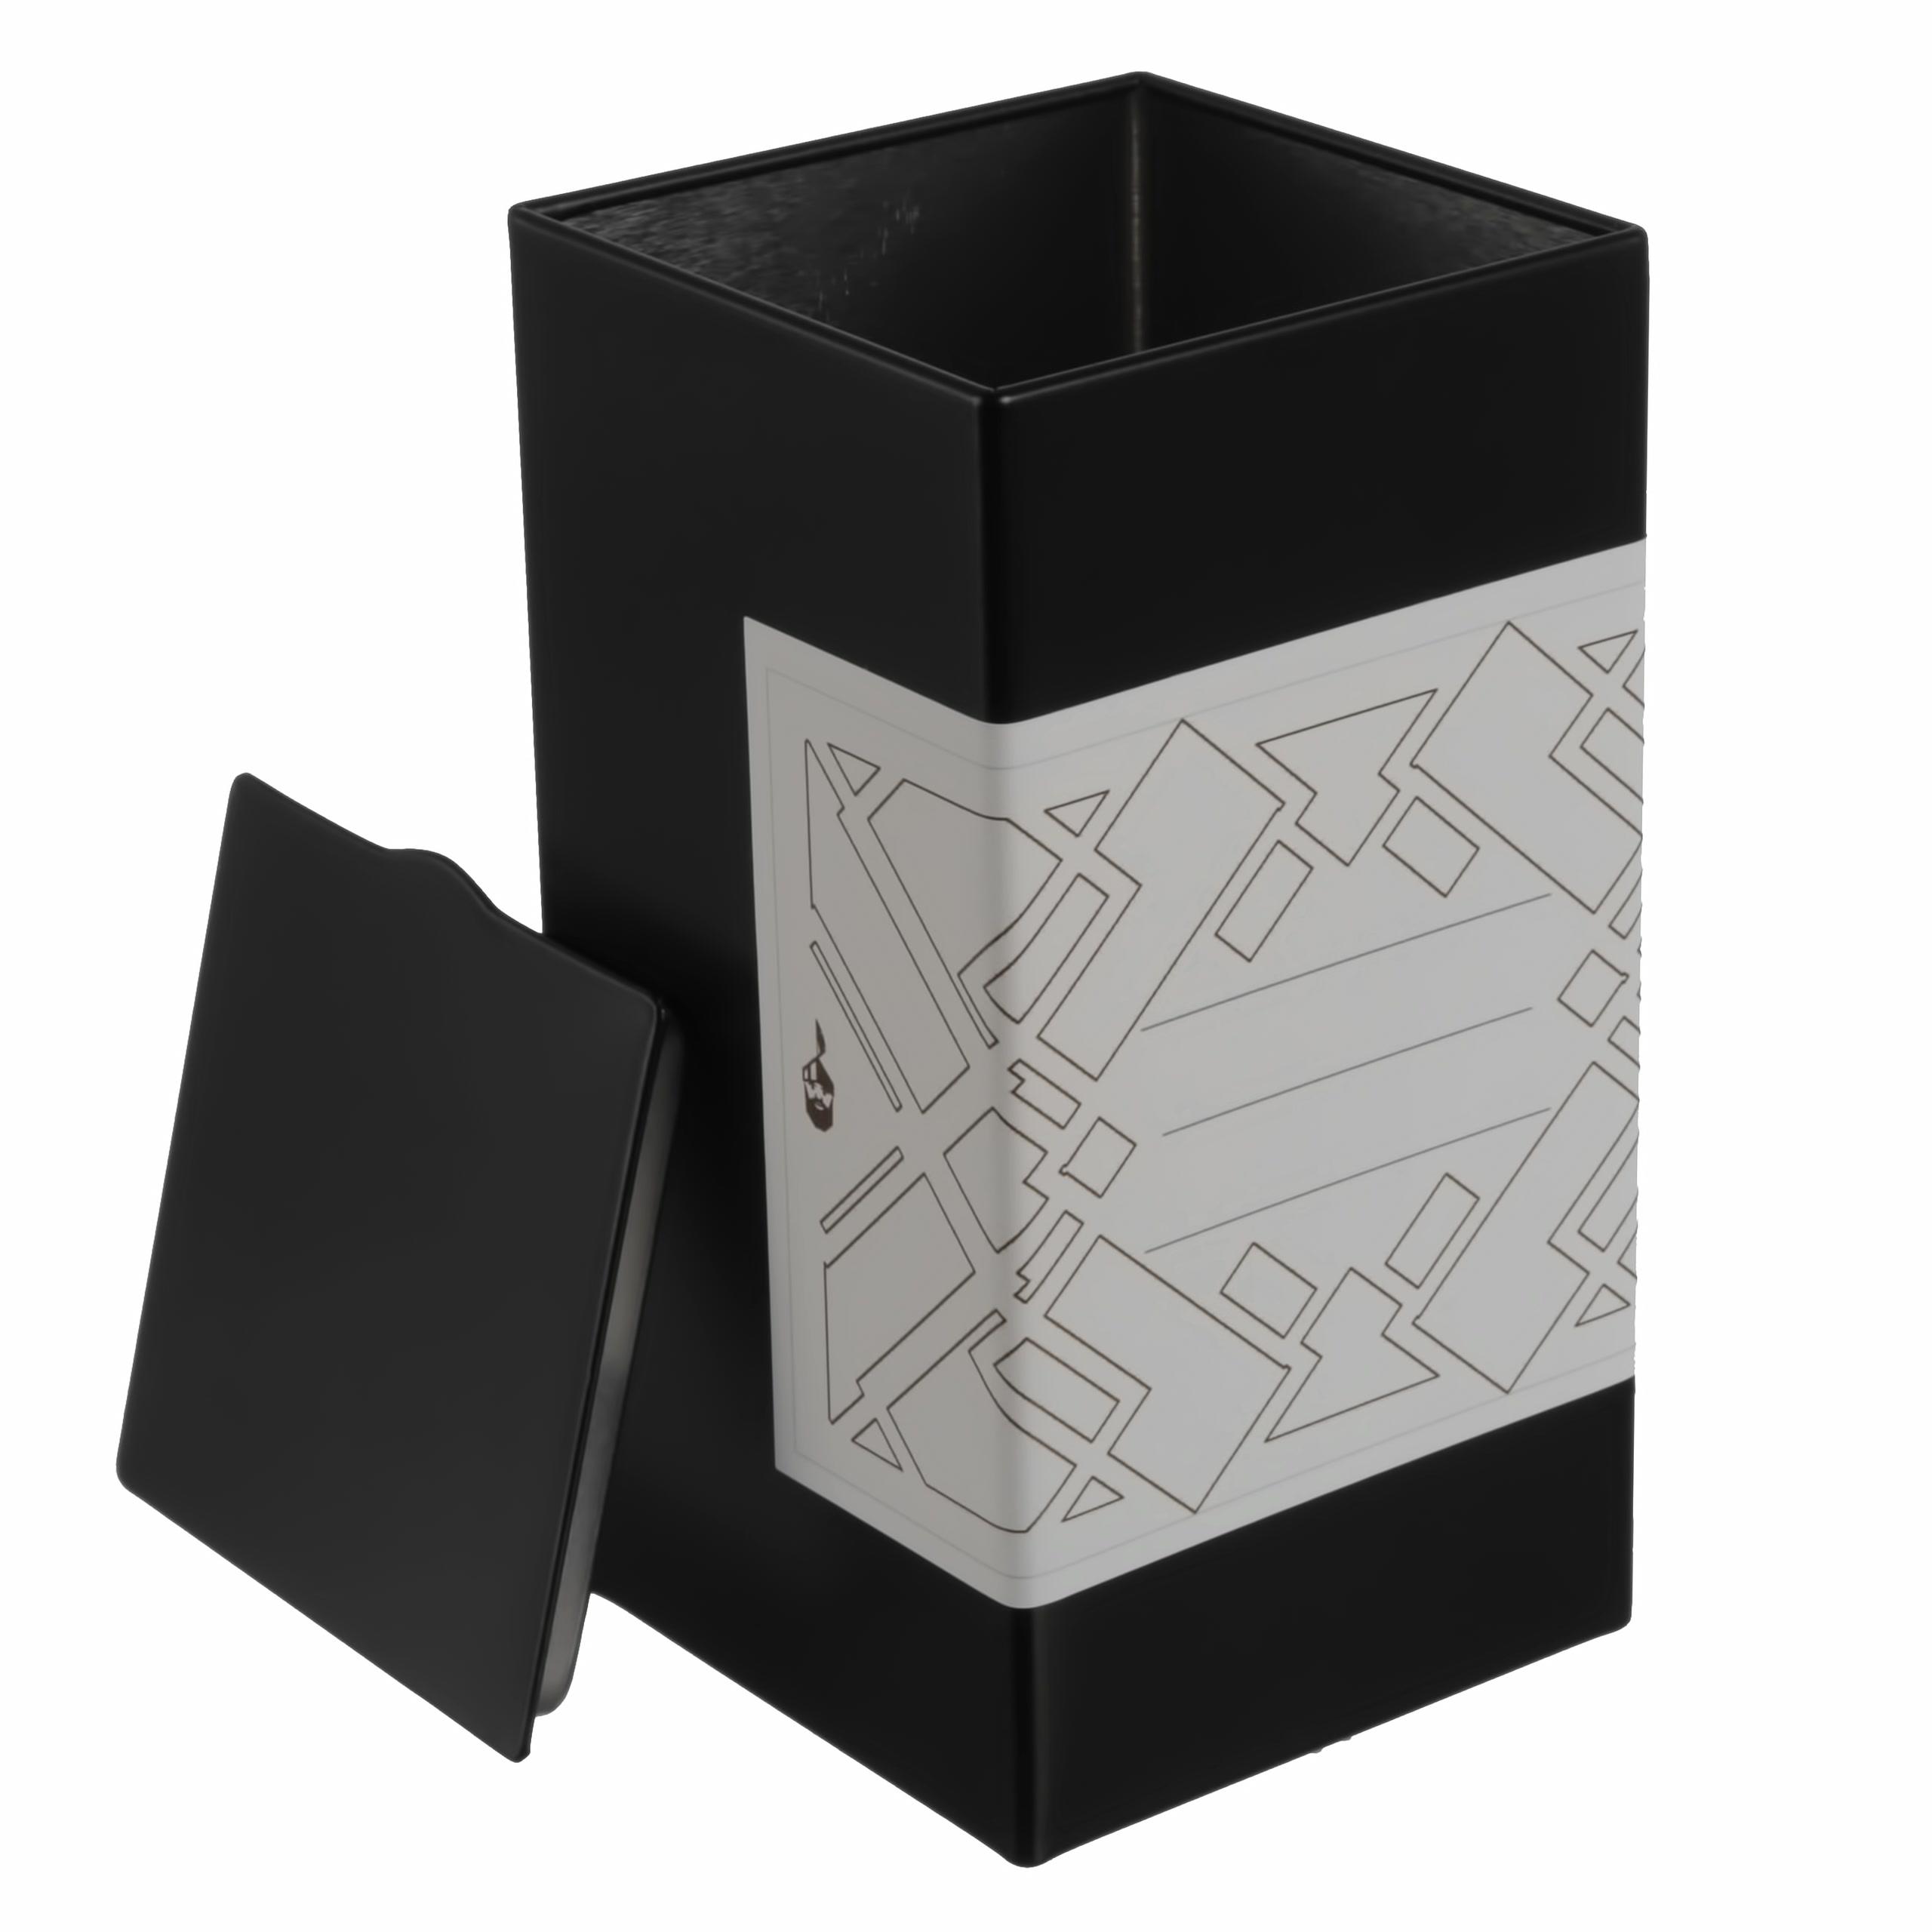 schwarze-eckig-gewuerzdose-aus-metall-mit-grafischem-kleebeetikett-offen-von-dosenritter